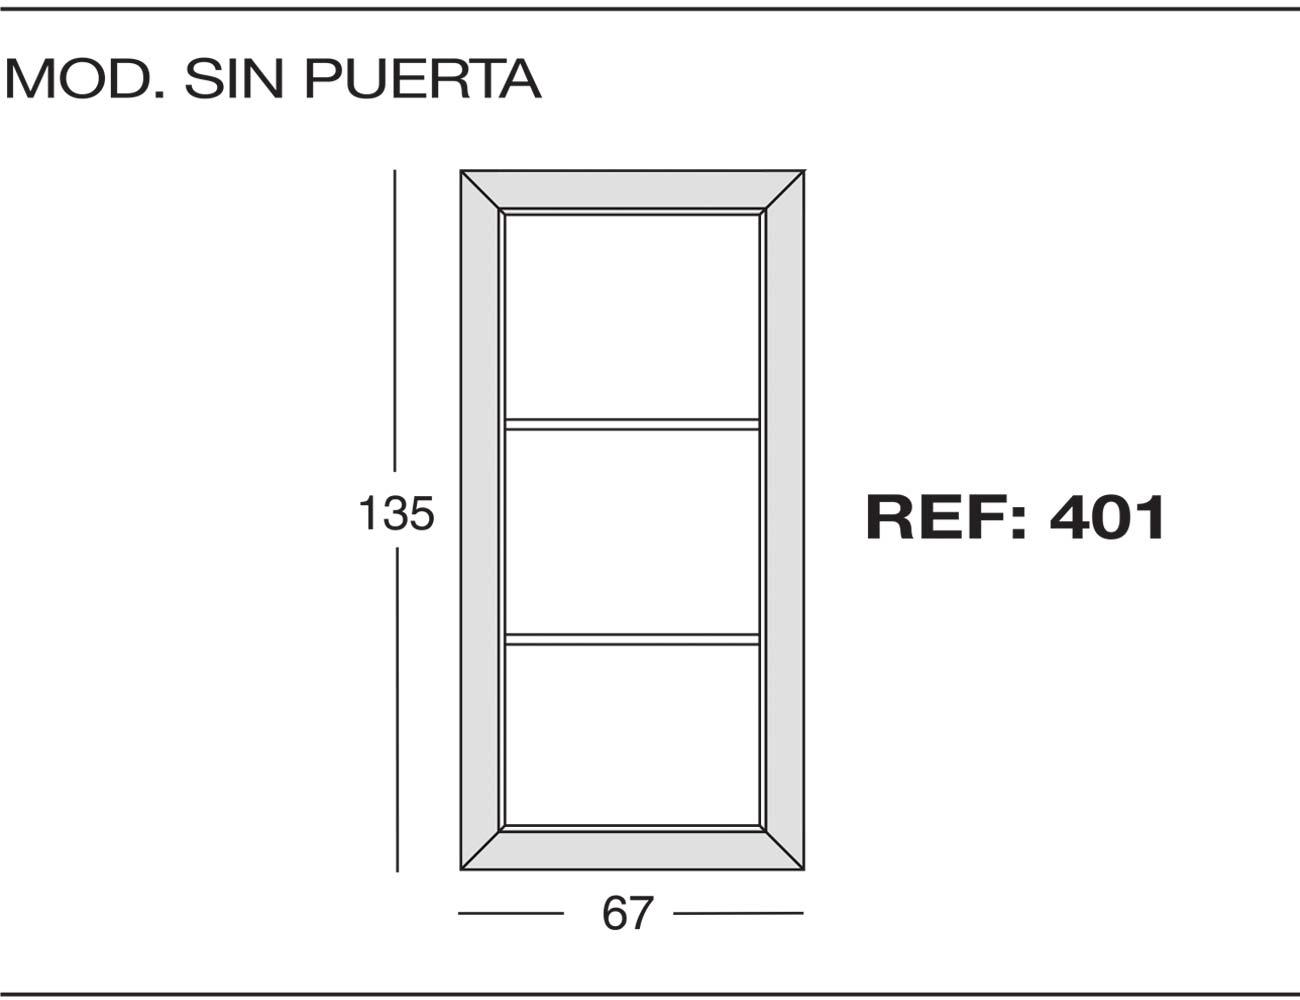 Modulo sin puerta 401